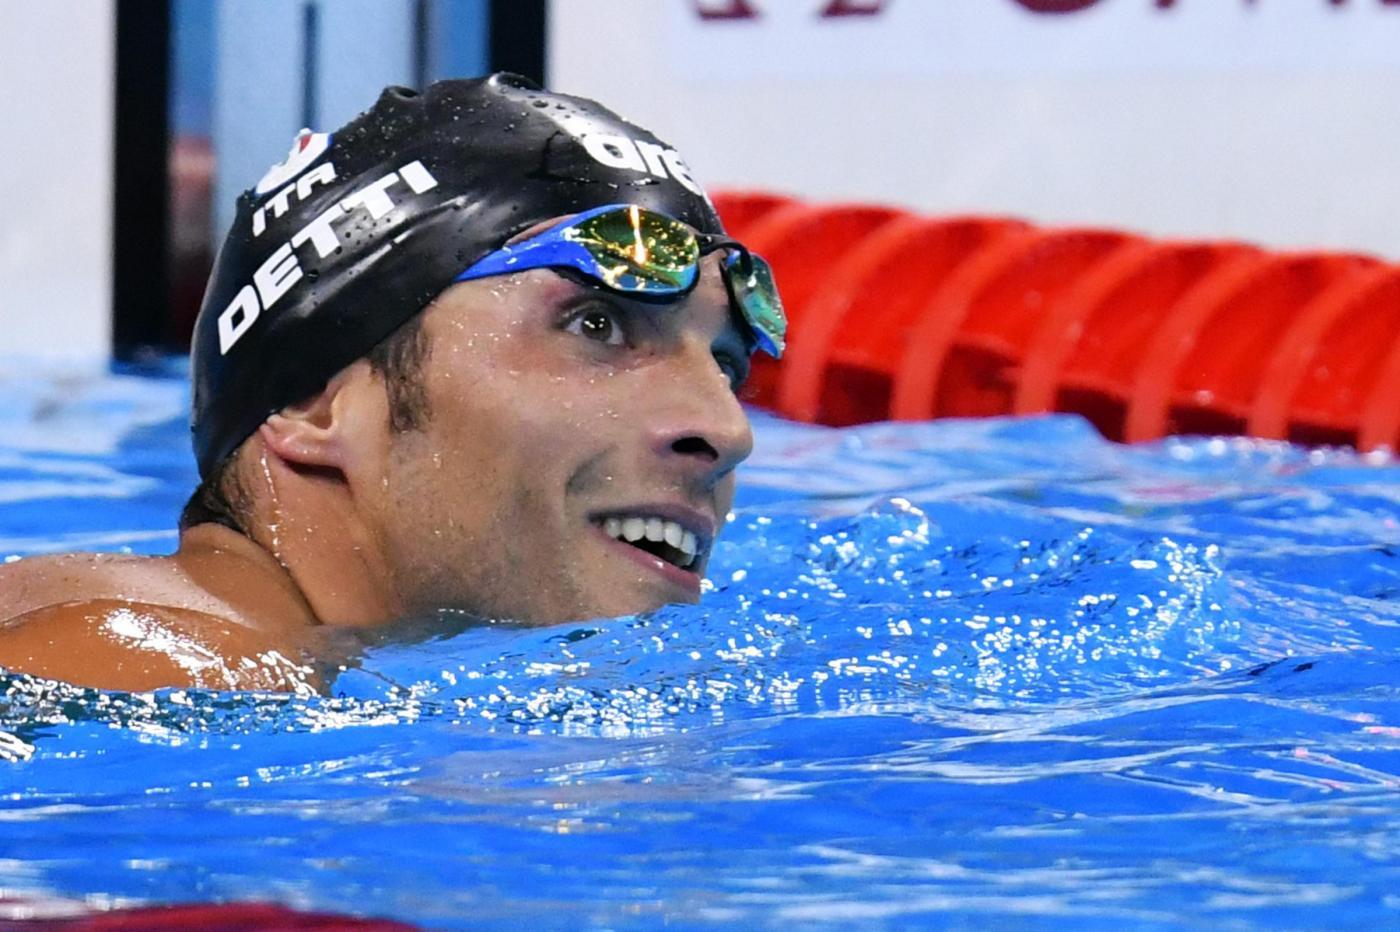 Olimpiadi 2016, nuoto: Detti vince il bronzo nei 400 stile libero